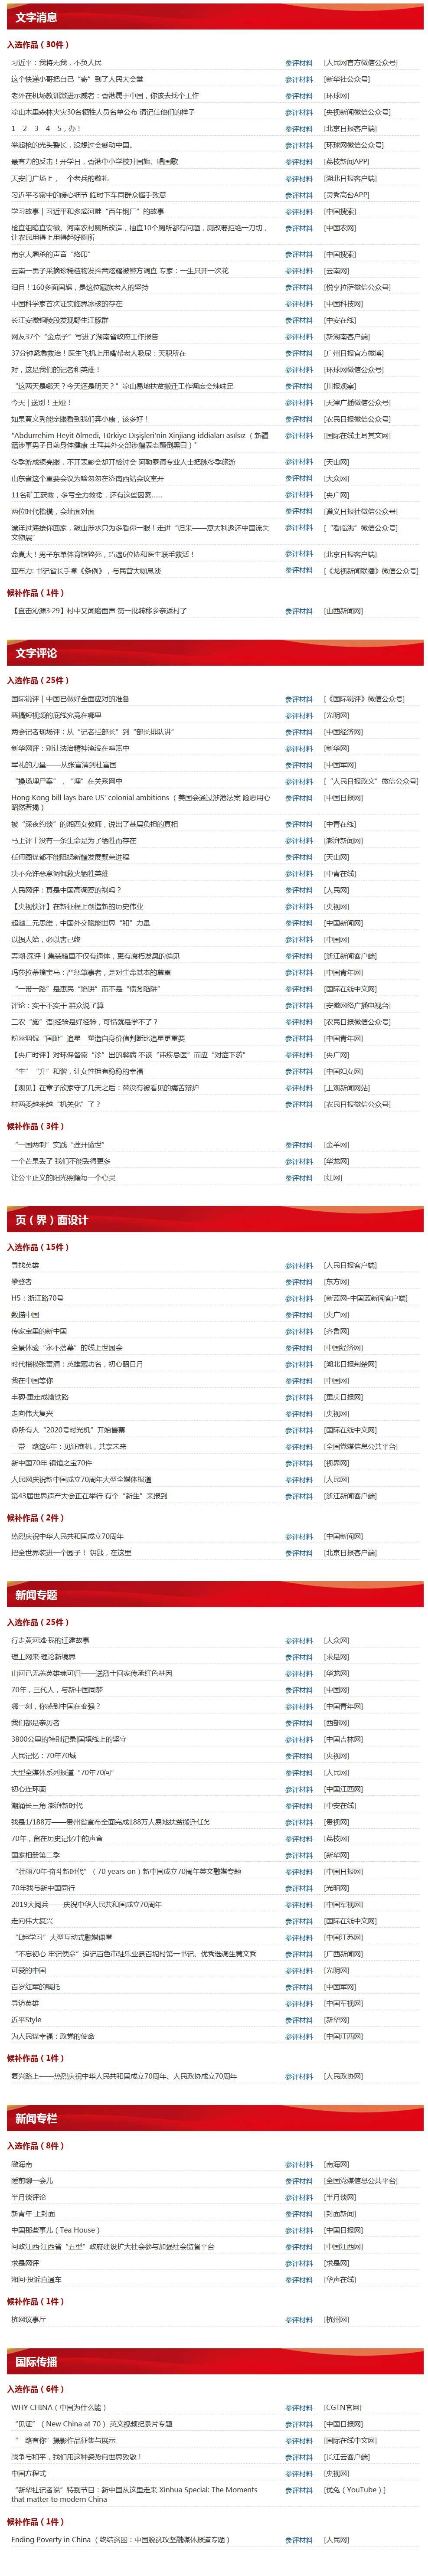 """第30届中国新闻奖""""网络新闻作品""""初评结果公示"""